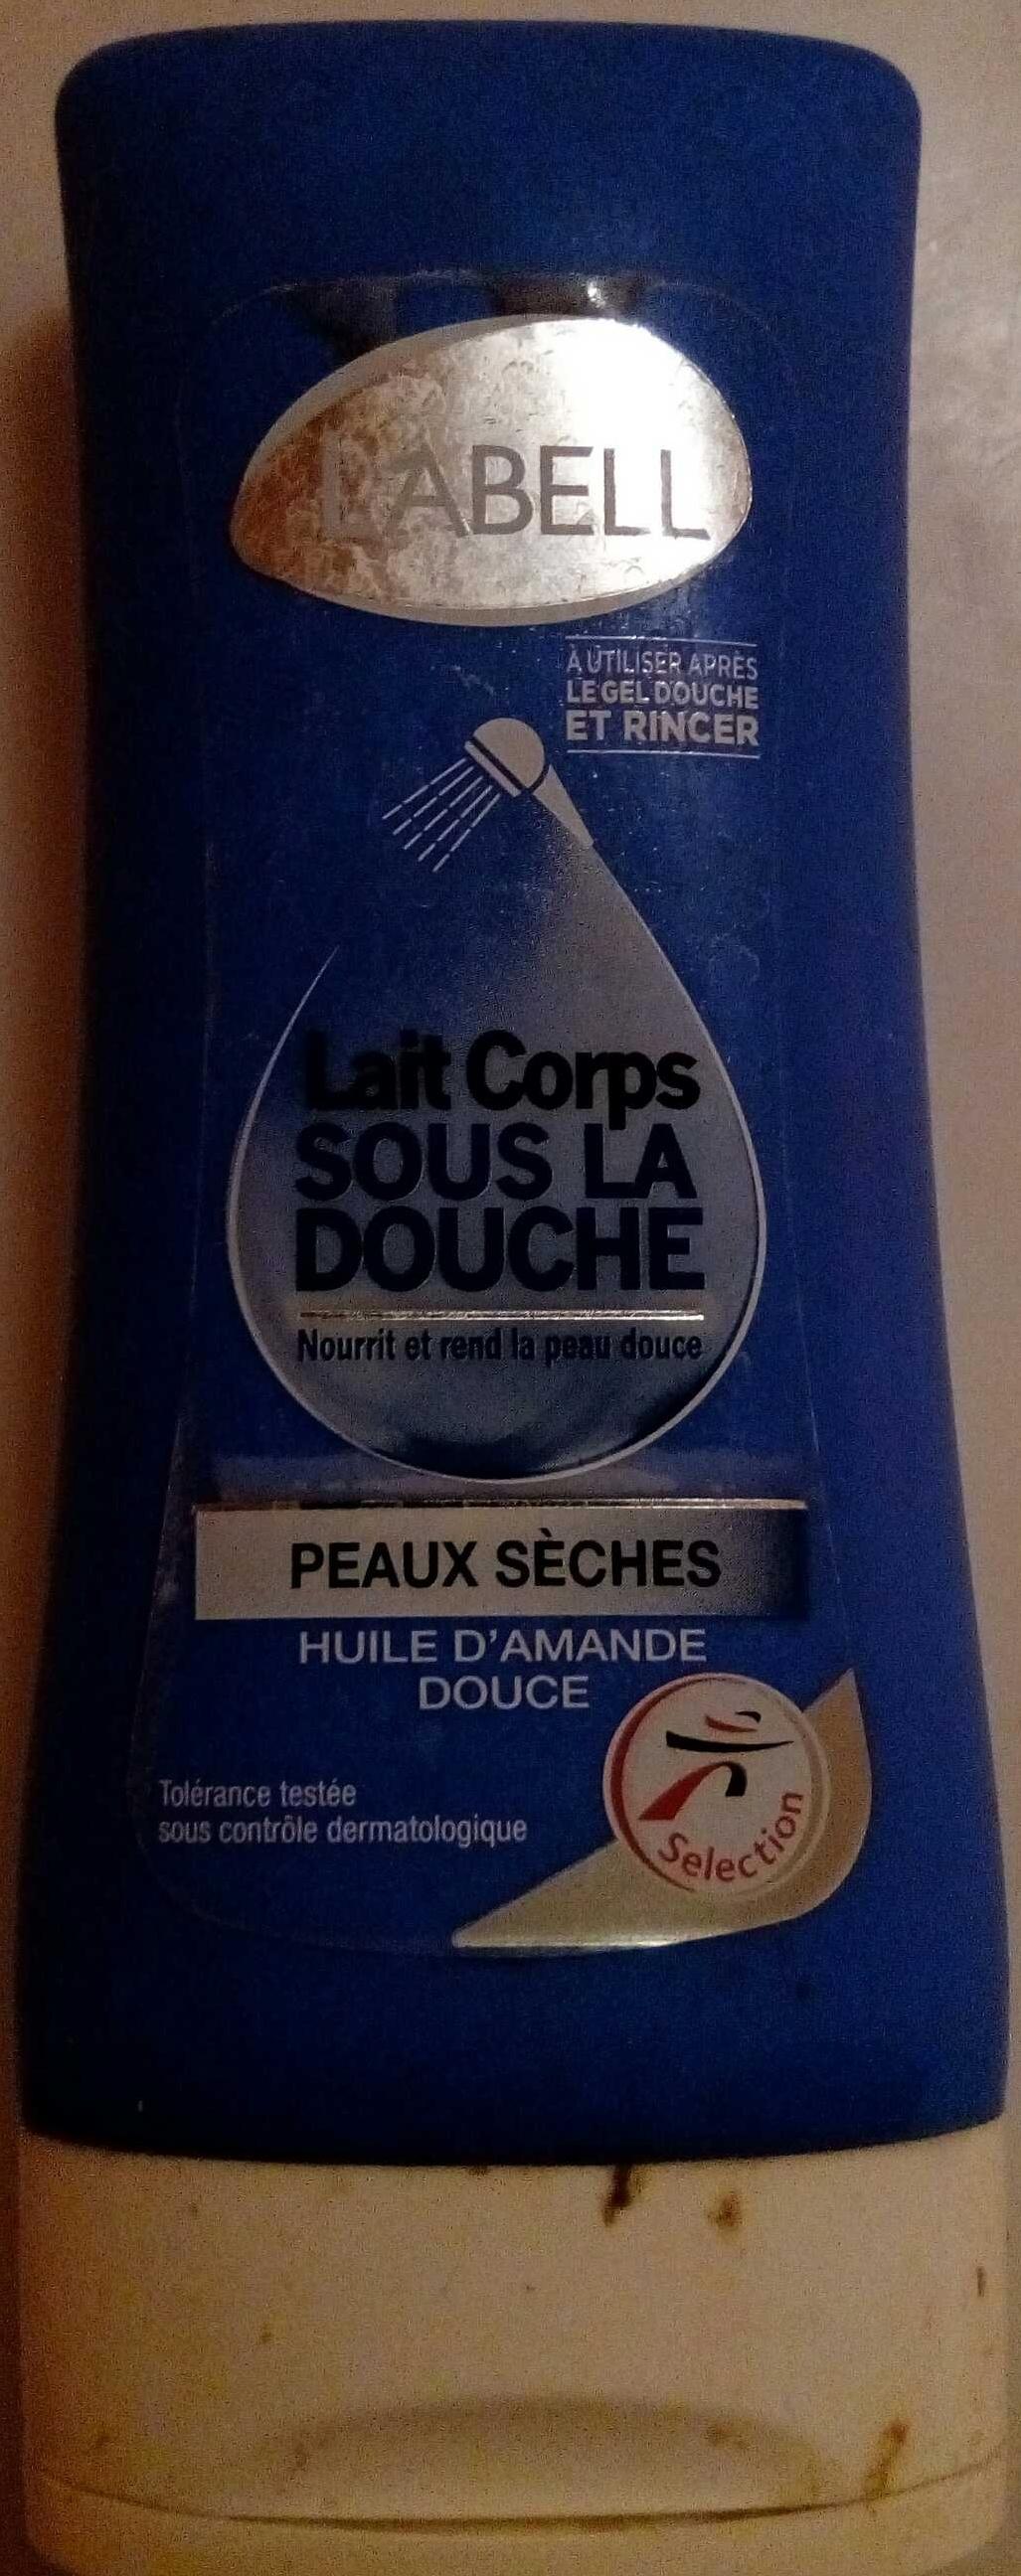 Lait corps sous la douche - Product